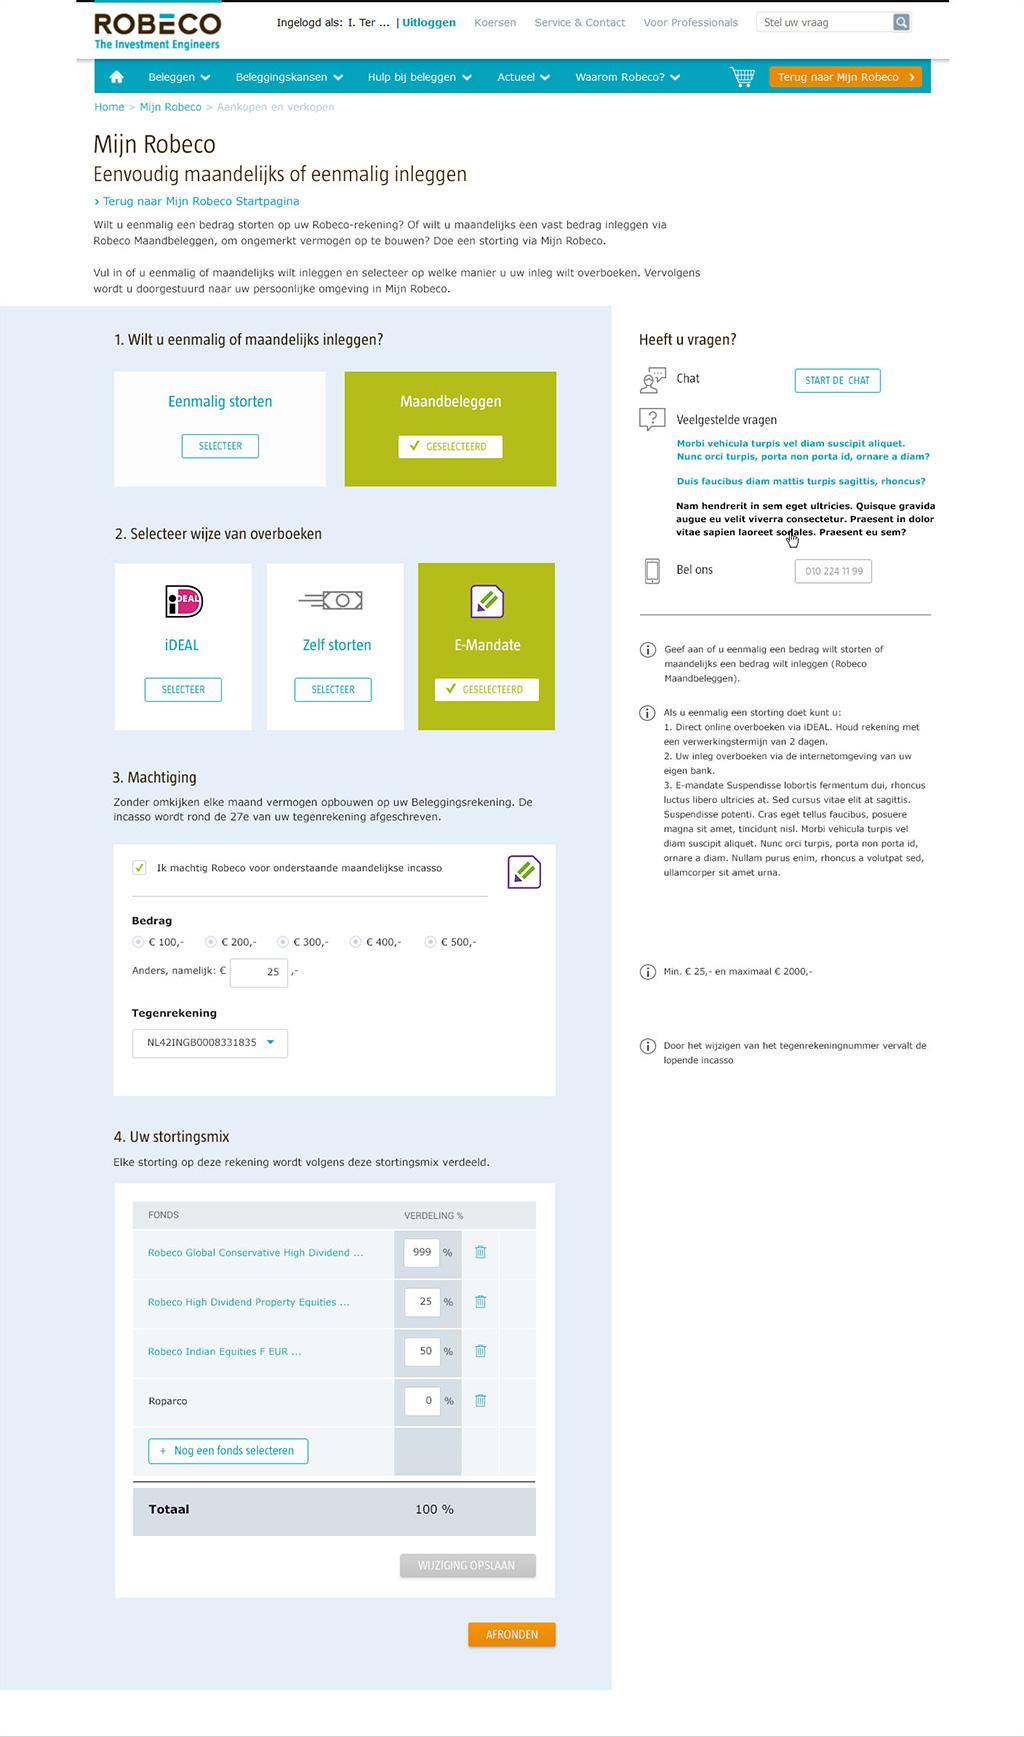 Afbeelding 6 van 6 - Re-design MijnRobeco Storten flow - Robeco web + mobile app optimalisaties